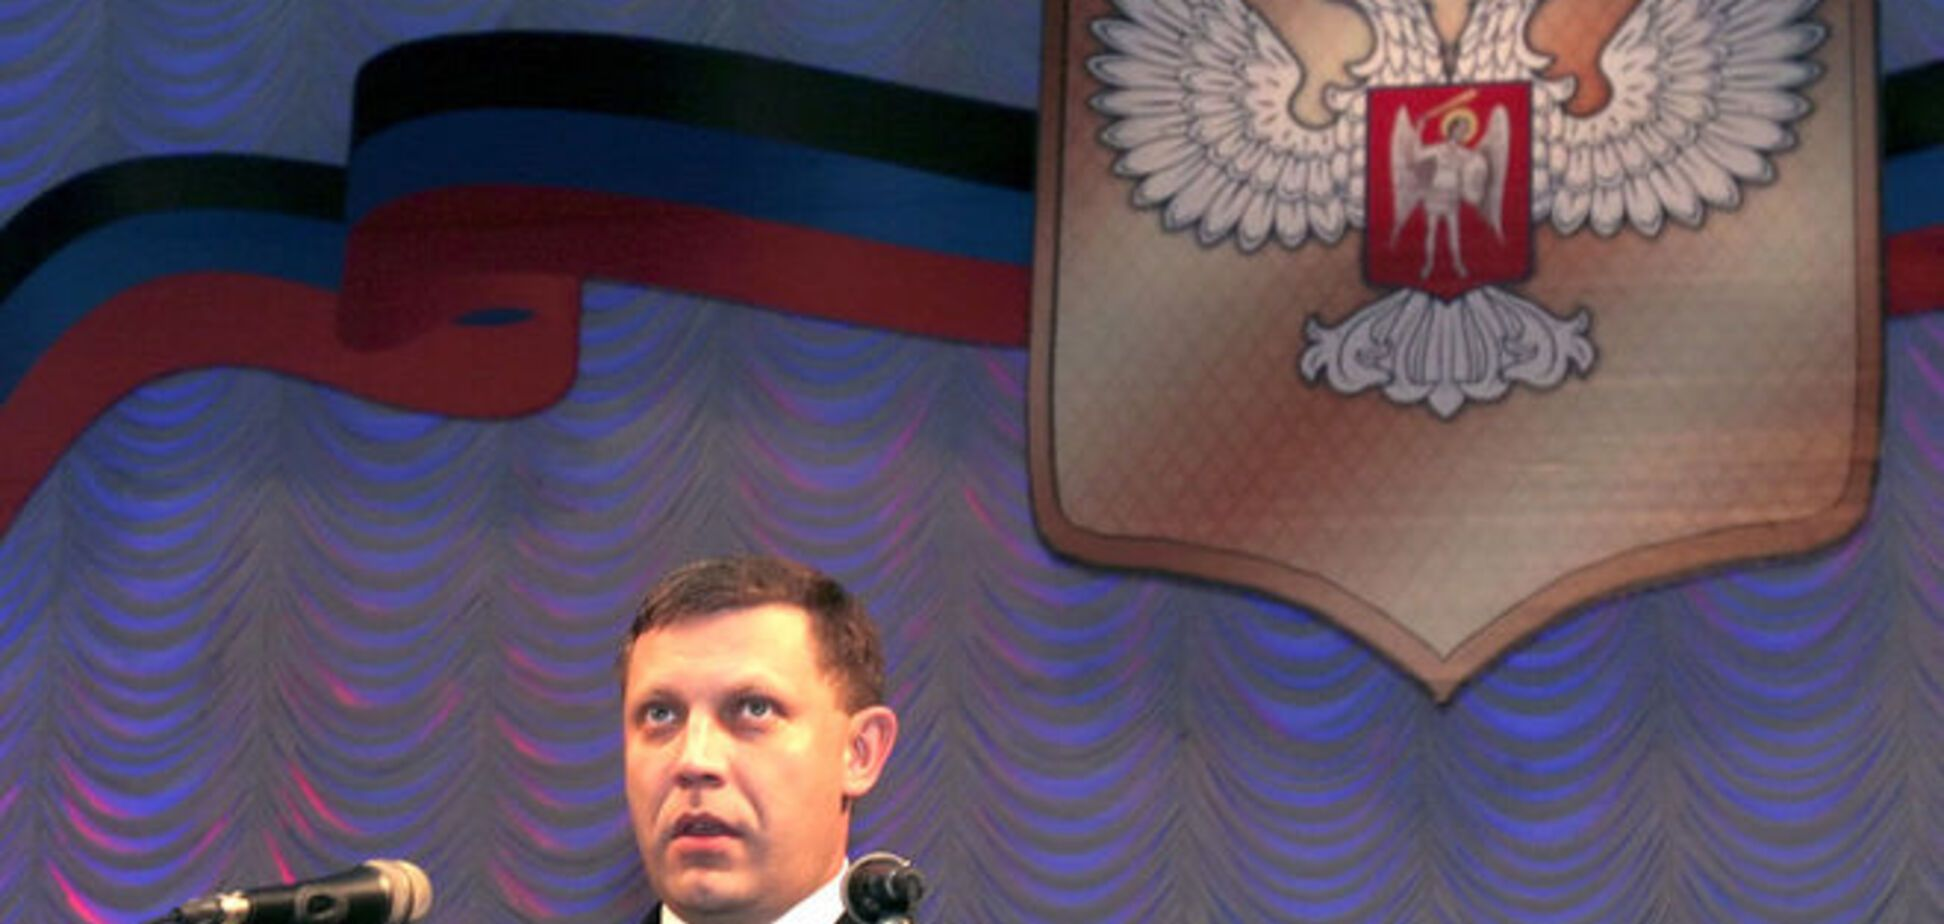 Главарь 'ДНР' решил 'прихватизировать' шахту им. Засядько